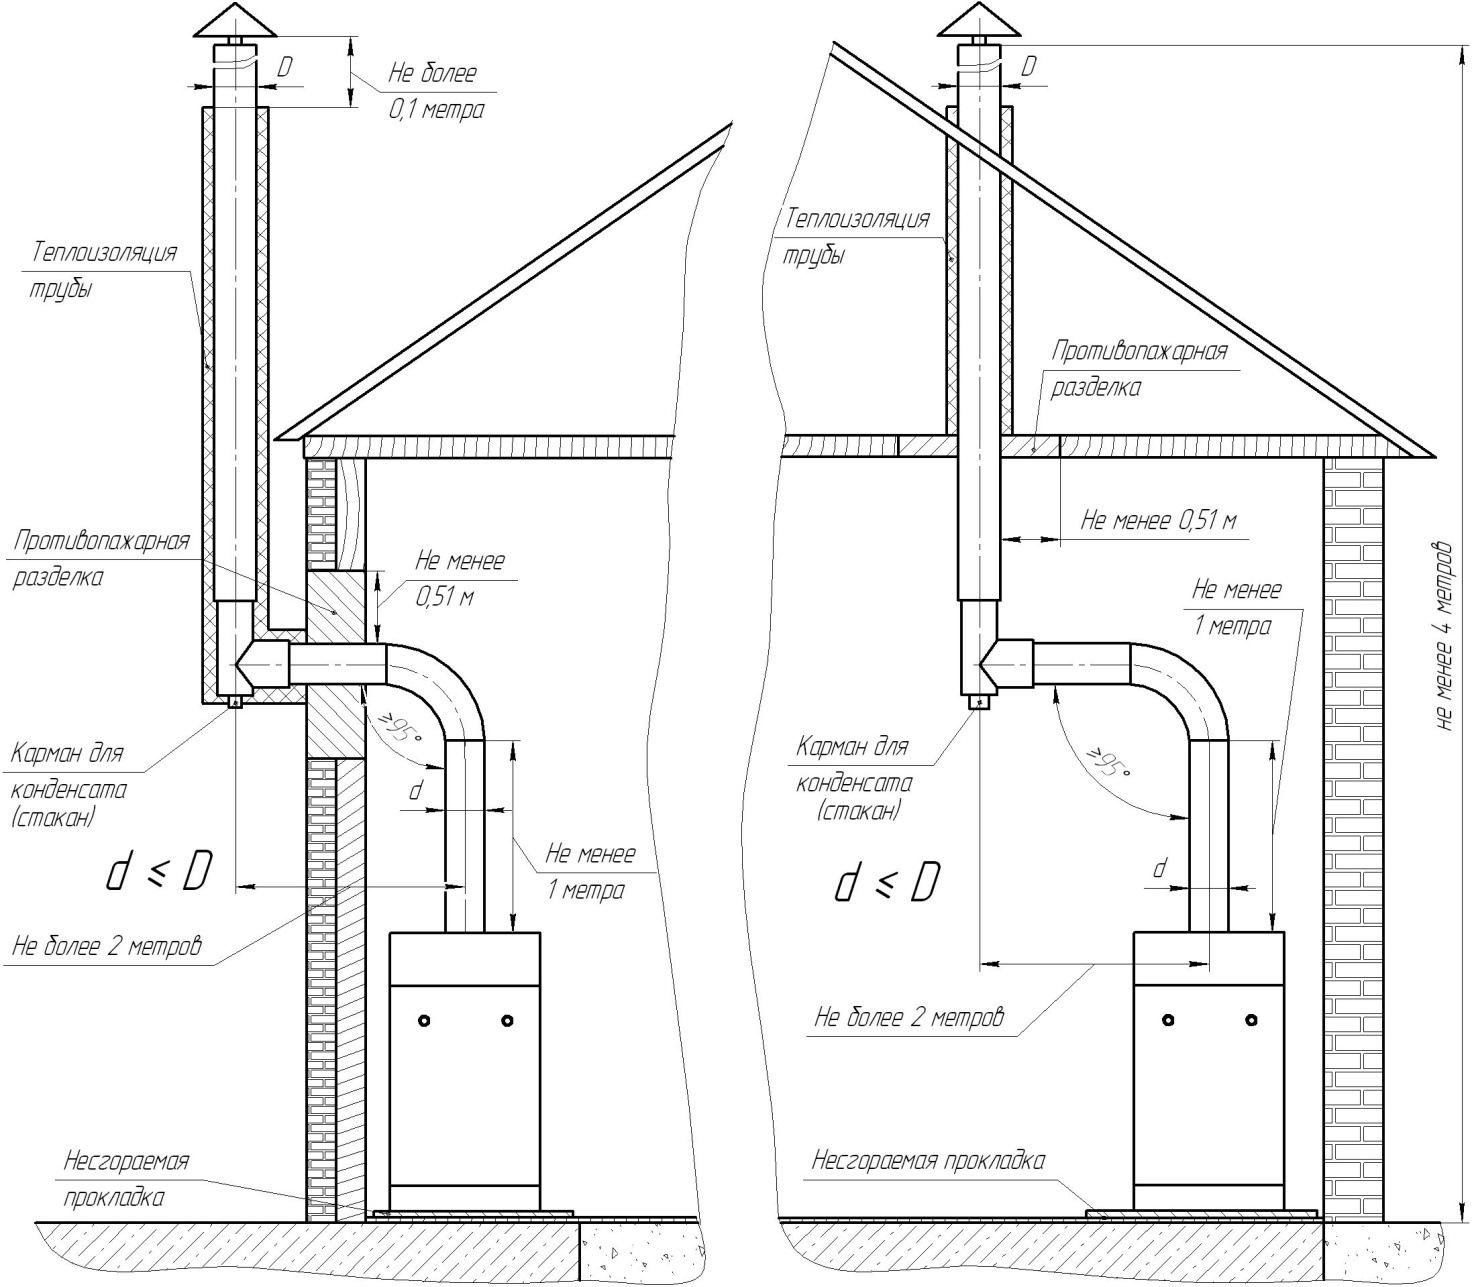 Дымоходы для газового котла в частном доме через стену заглушка на ревизию дымохода